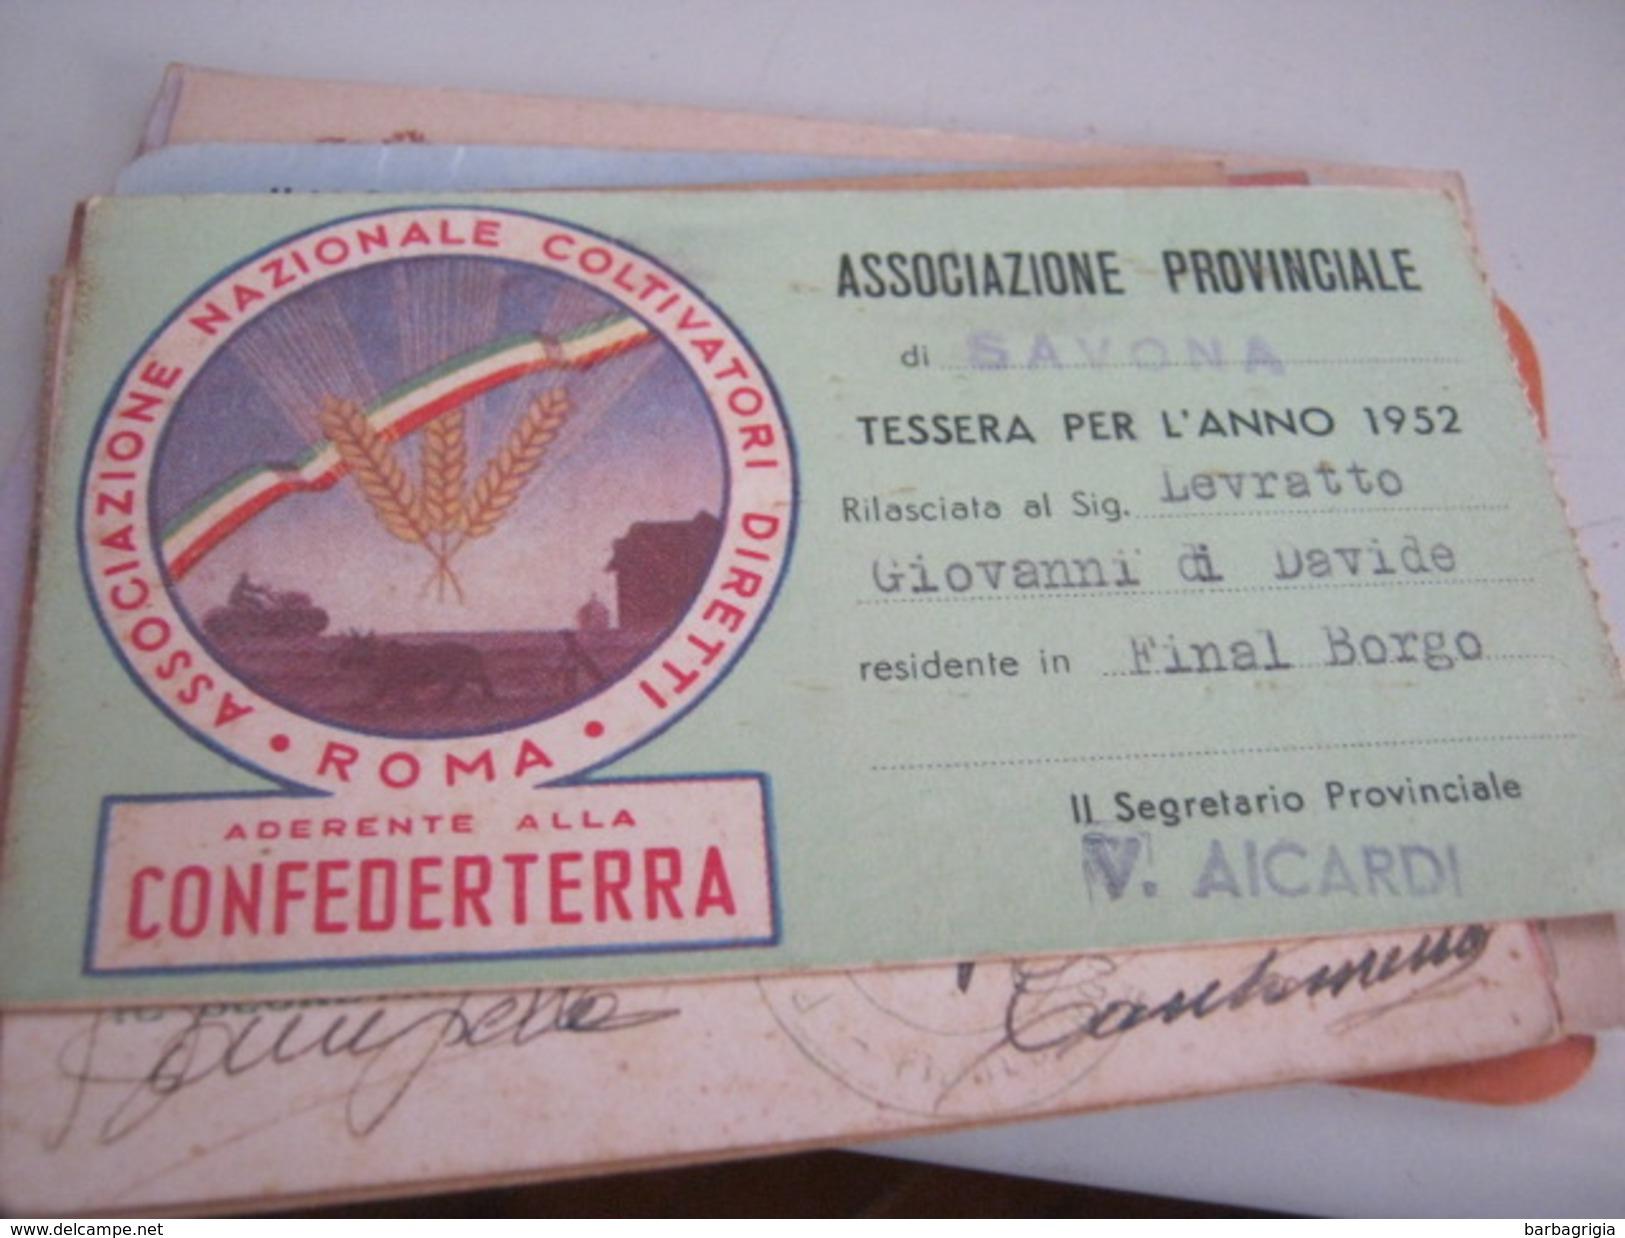 TESSERA ASSOCIAZIONE PROVINCIALE DI SAVONA 1952 - Documenti Storici